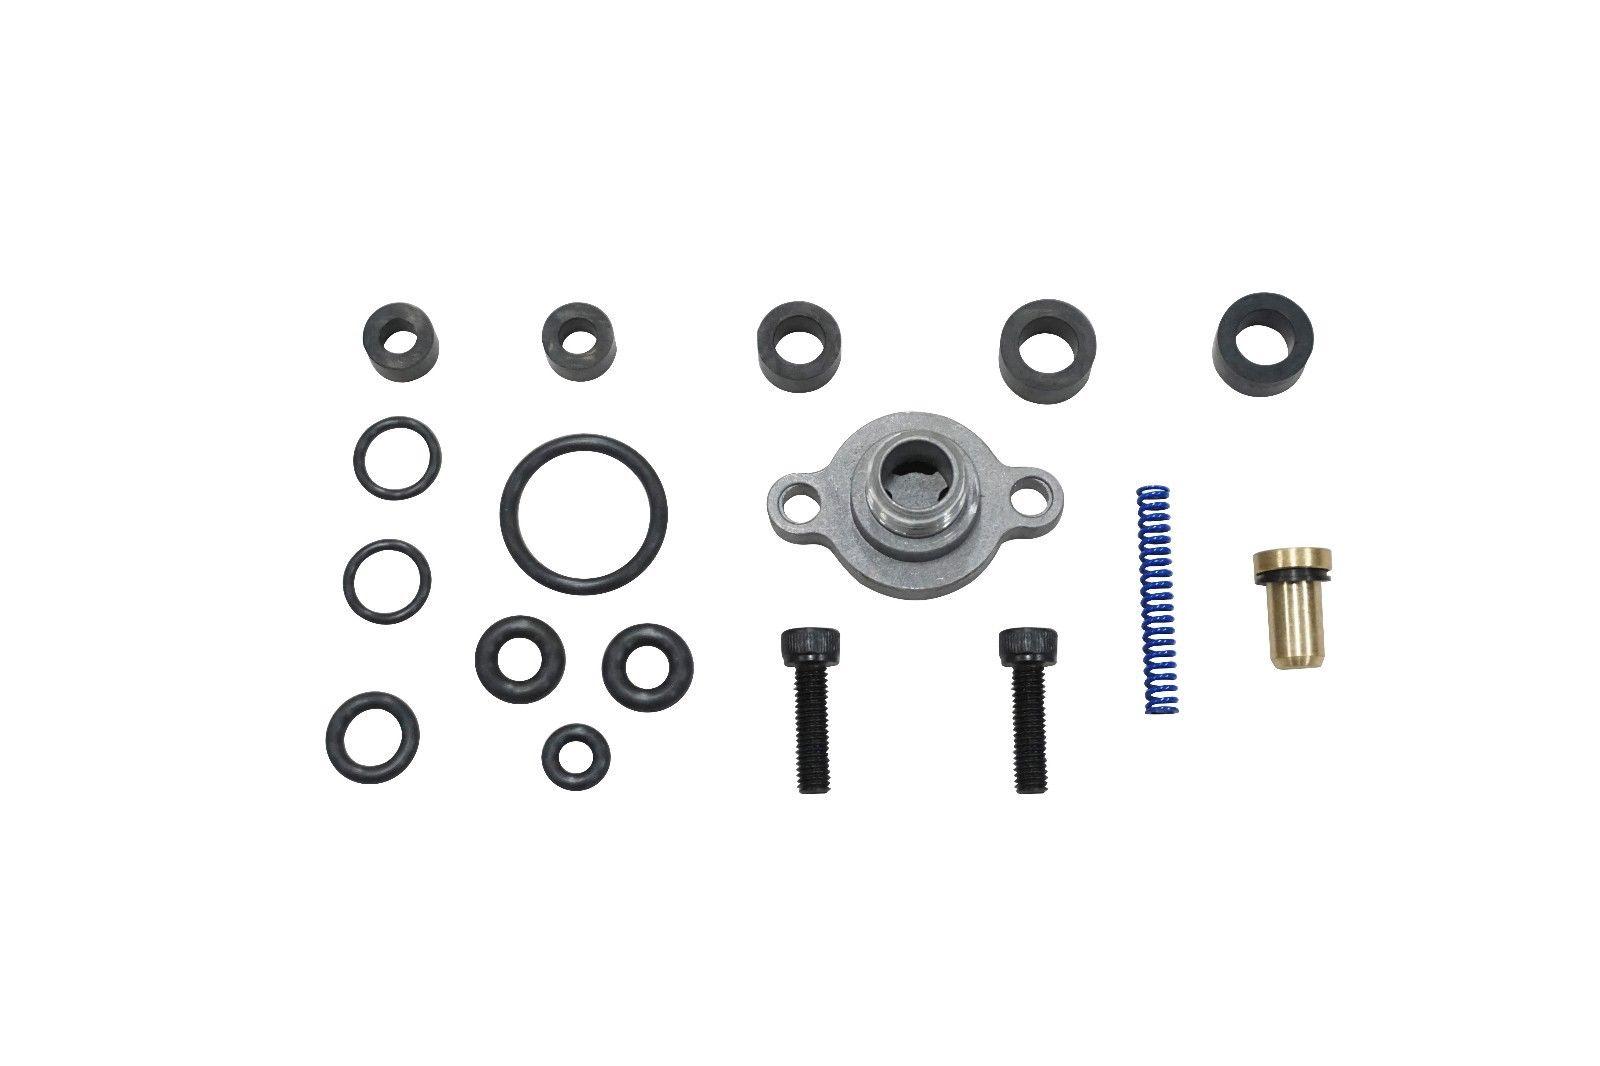 7 3l fuel pressure regulator with upgraded blue spring kit